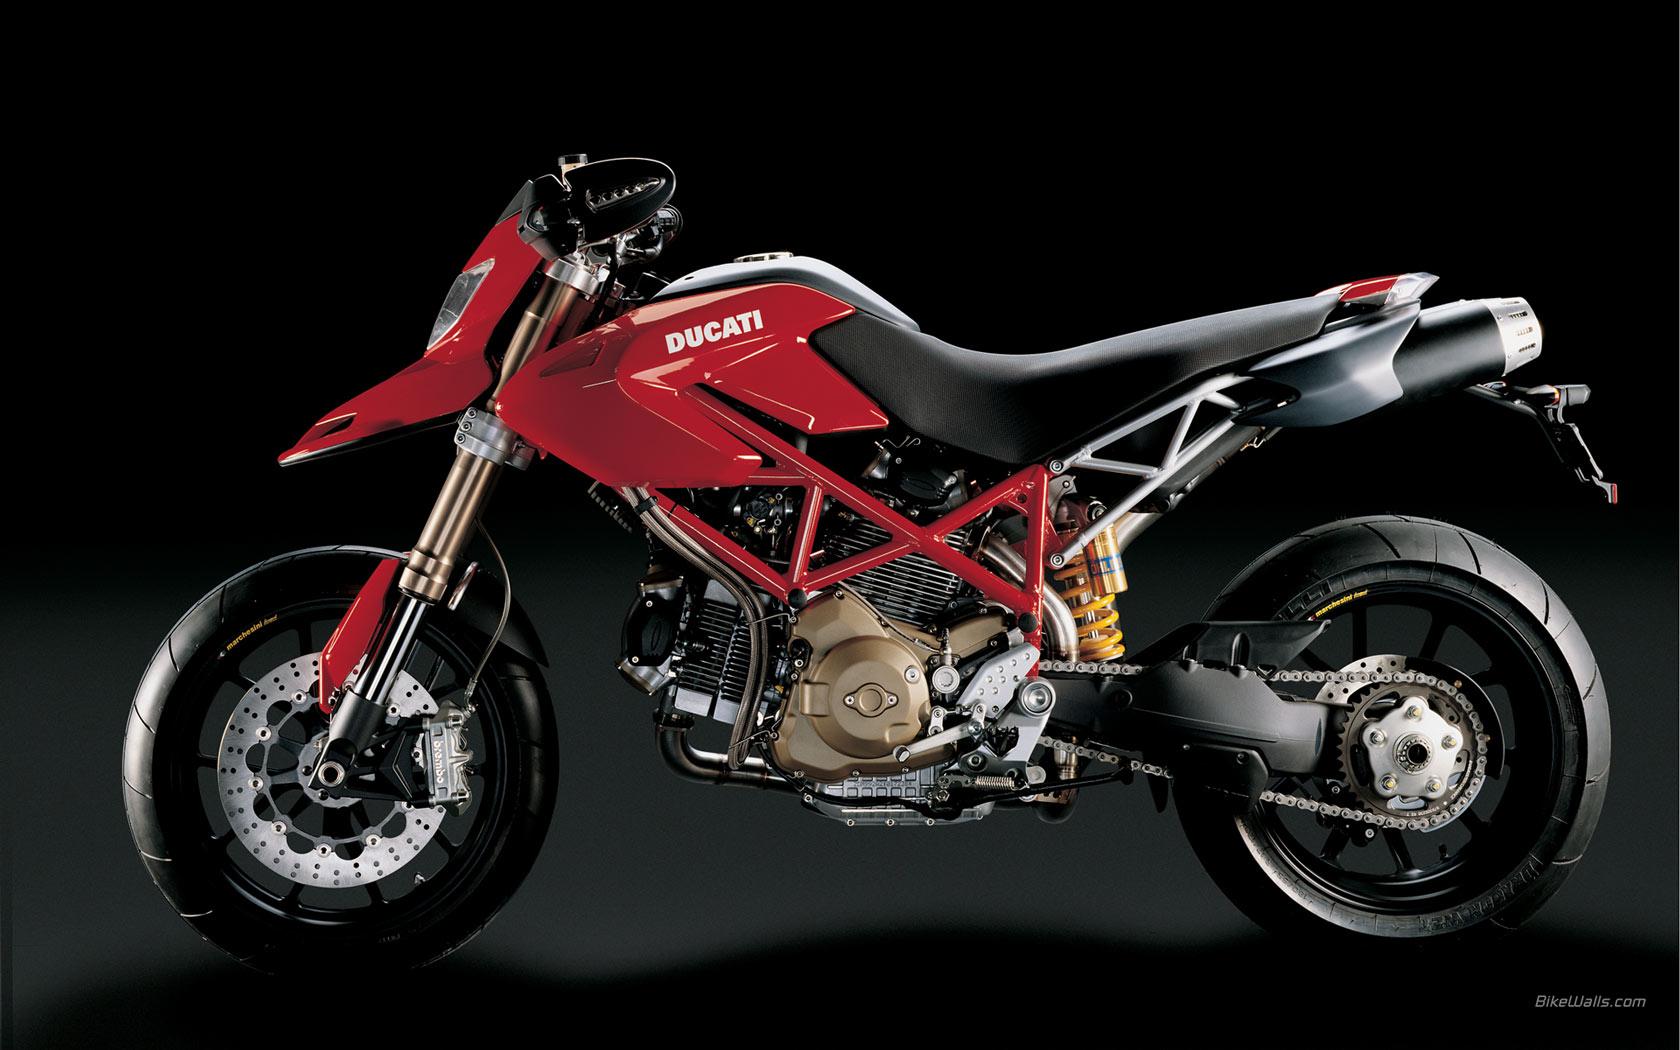 ducati motorcycles wallpaper 1080p - wallpapersafari